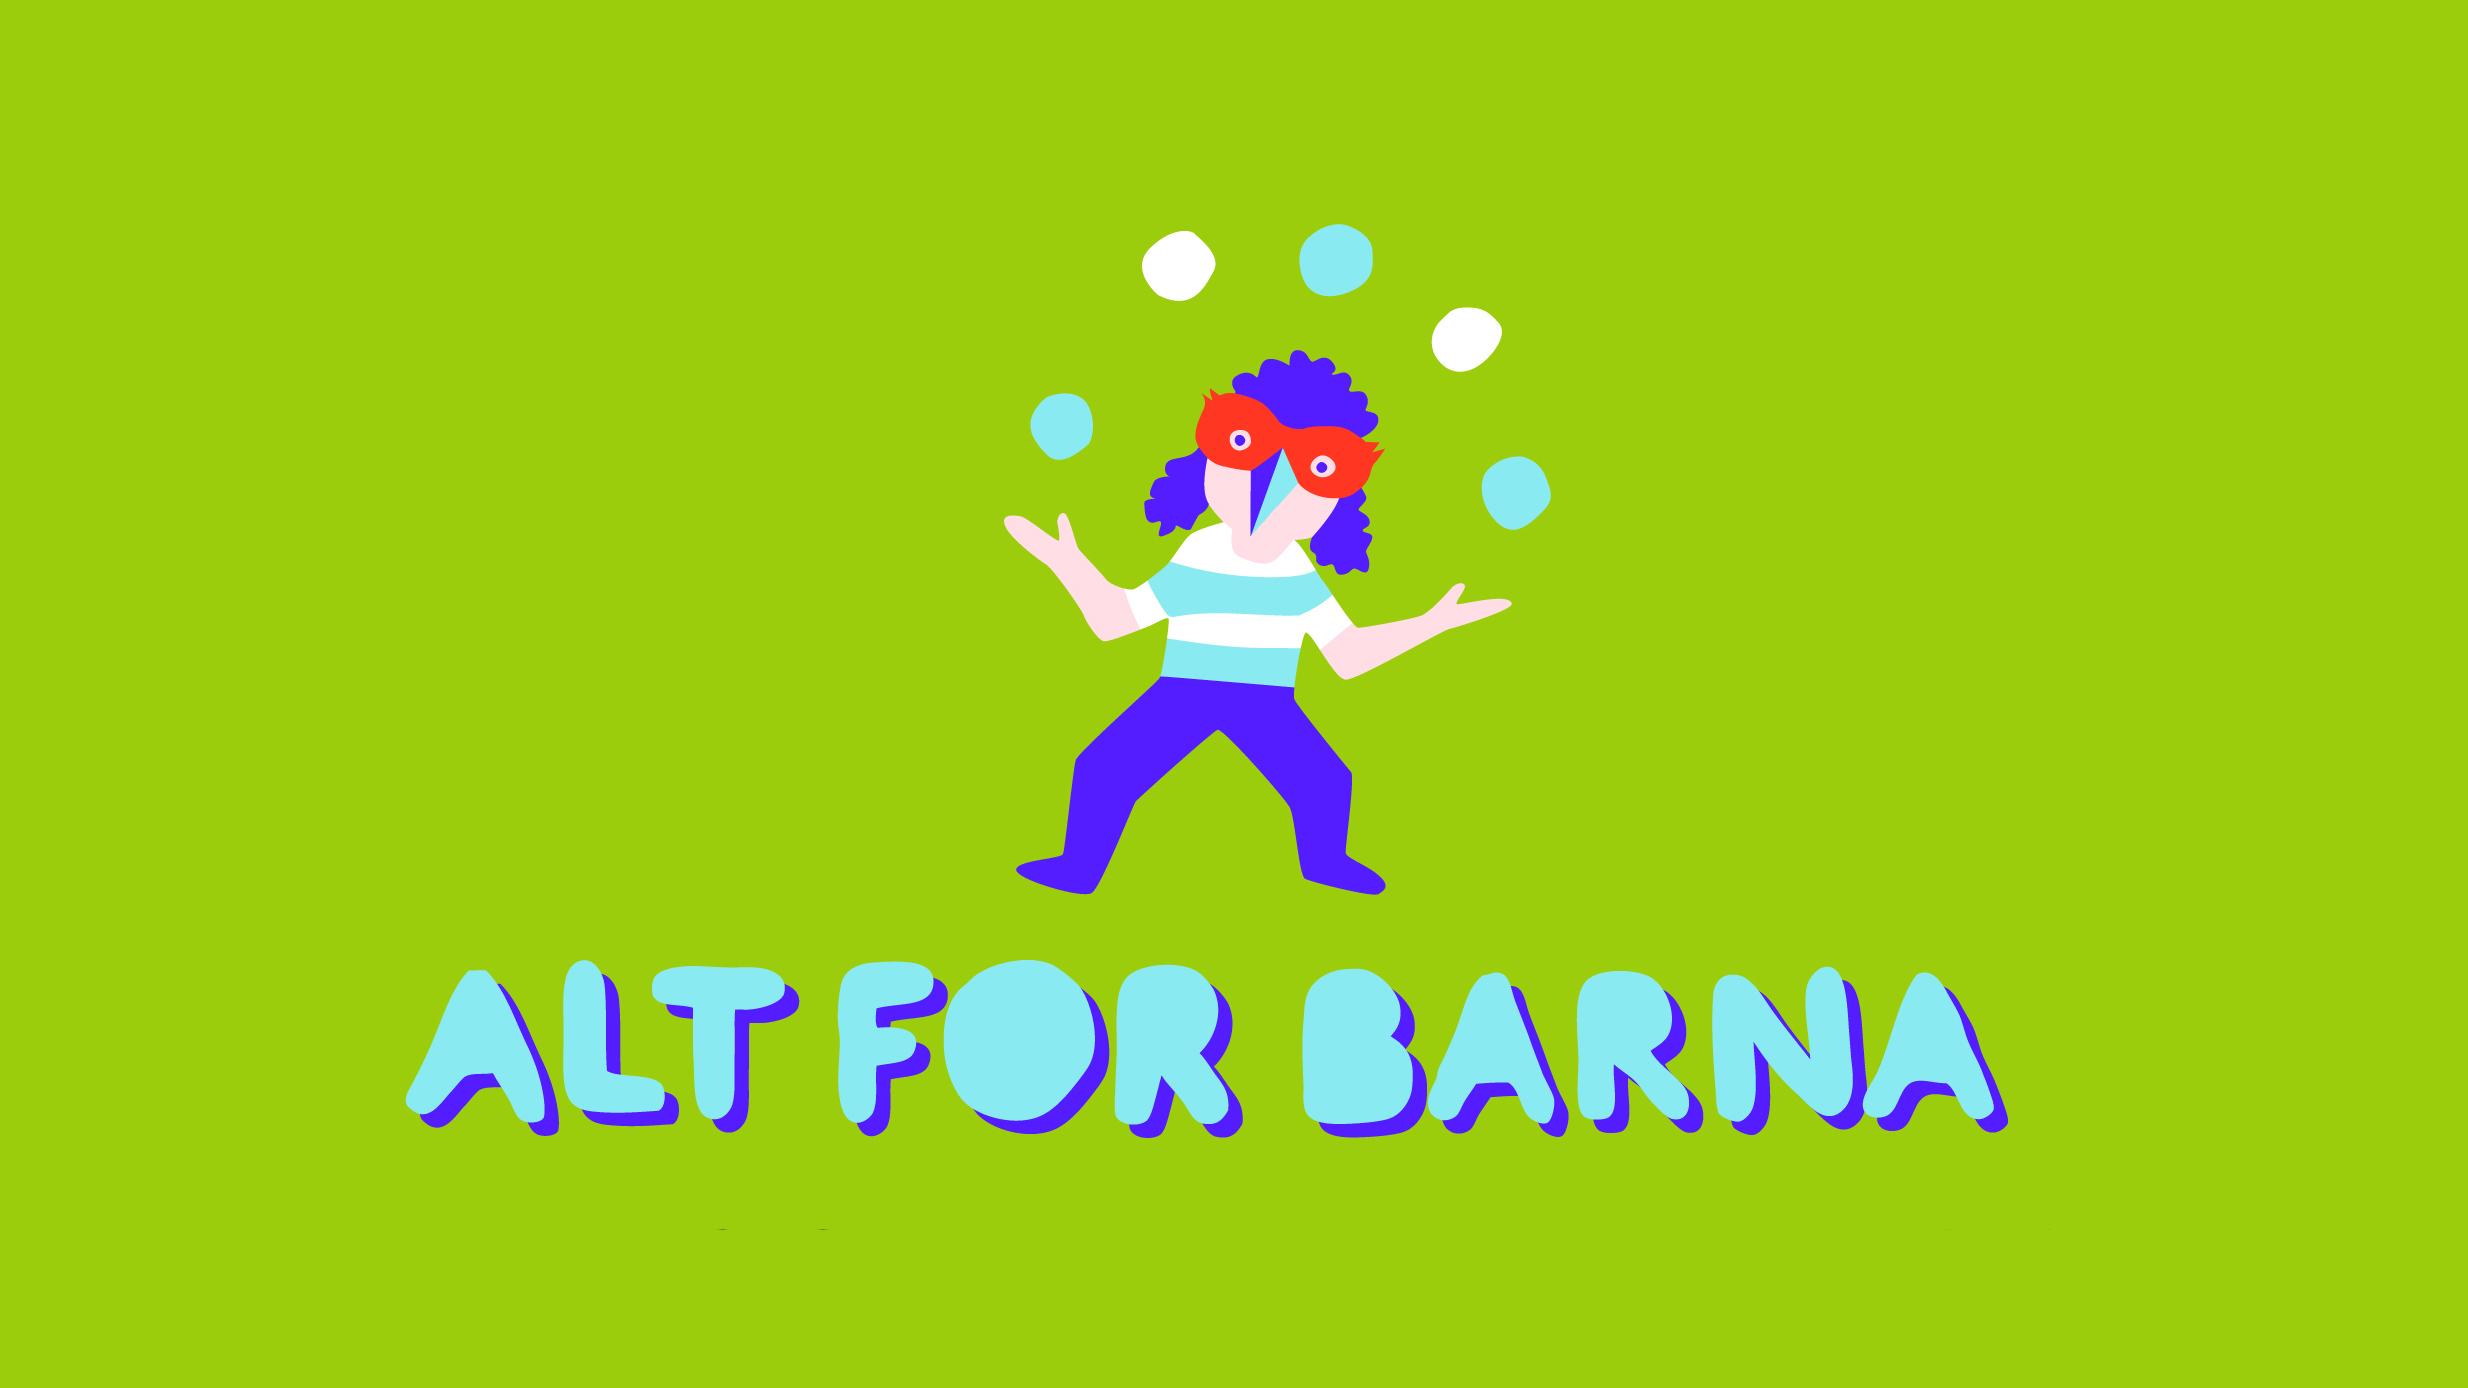 ALT FOR BARNA